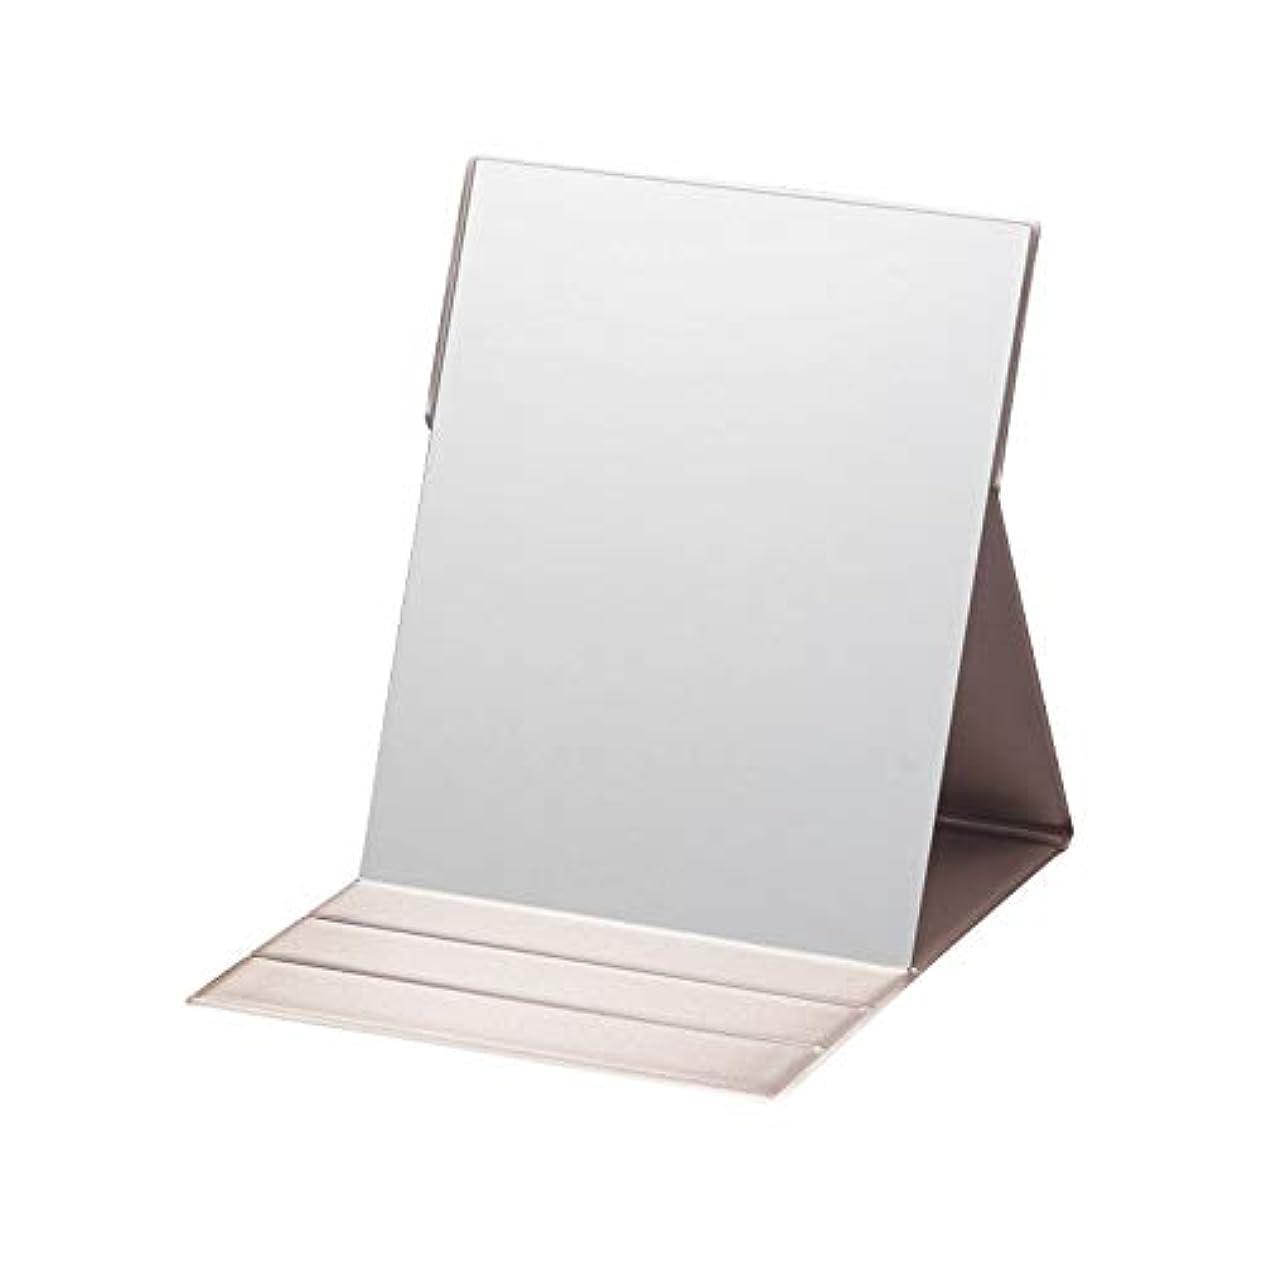 素子思いやりのあるつづりプロモデル折立ナピュアミラー L 【折りたたみ コンパクト 化粧 けしょう 持ち運び 折立ミラー 鏡】